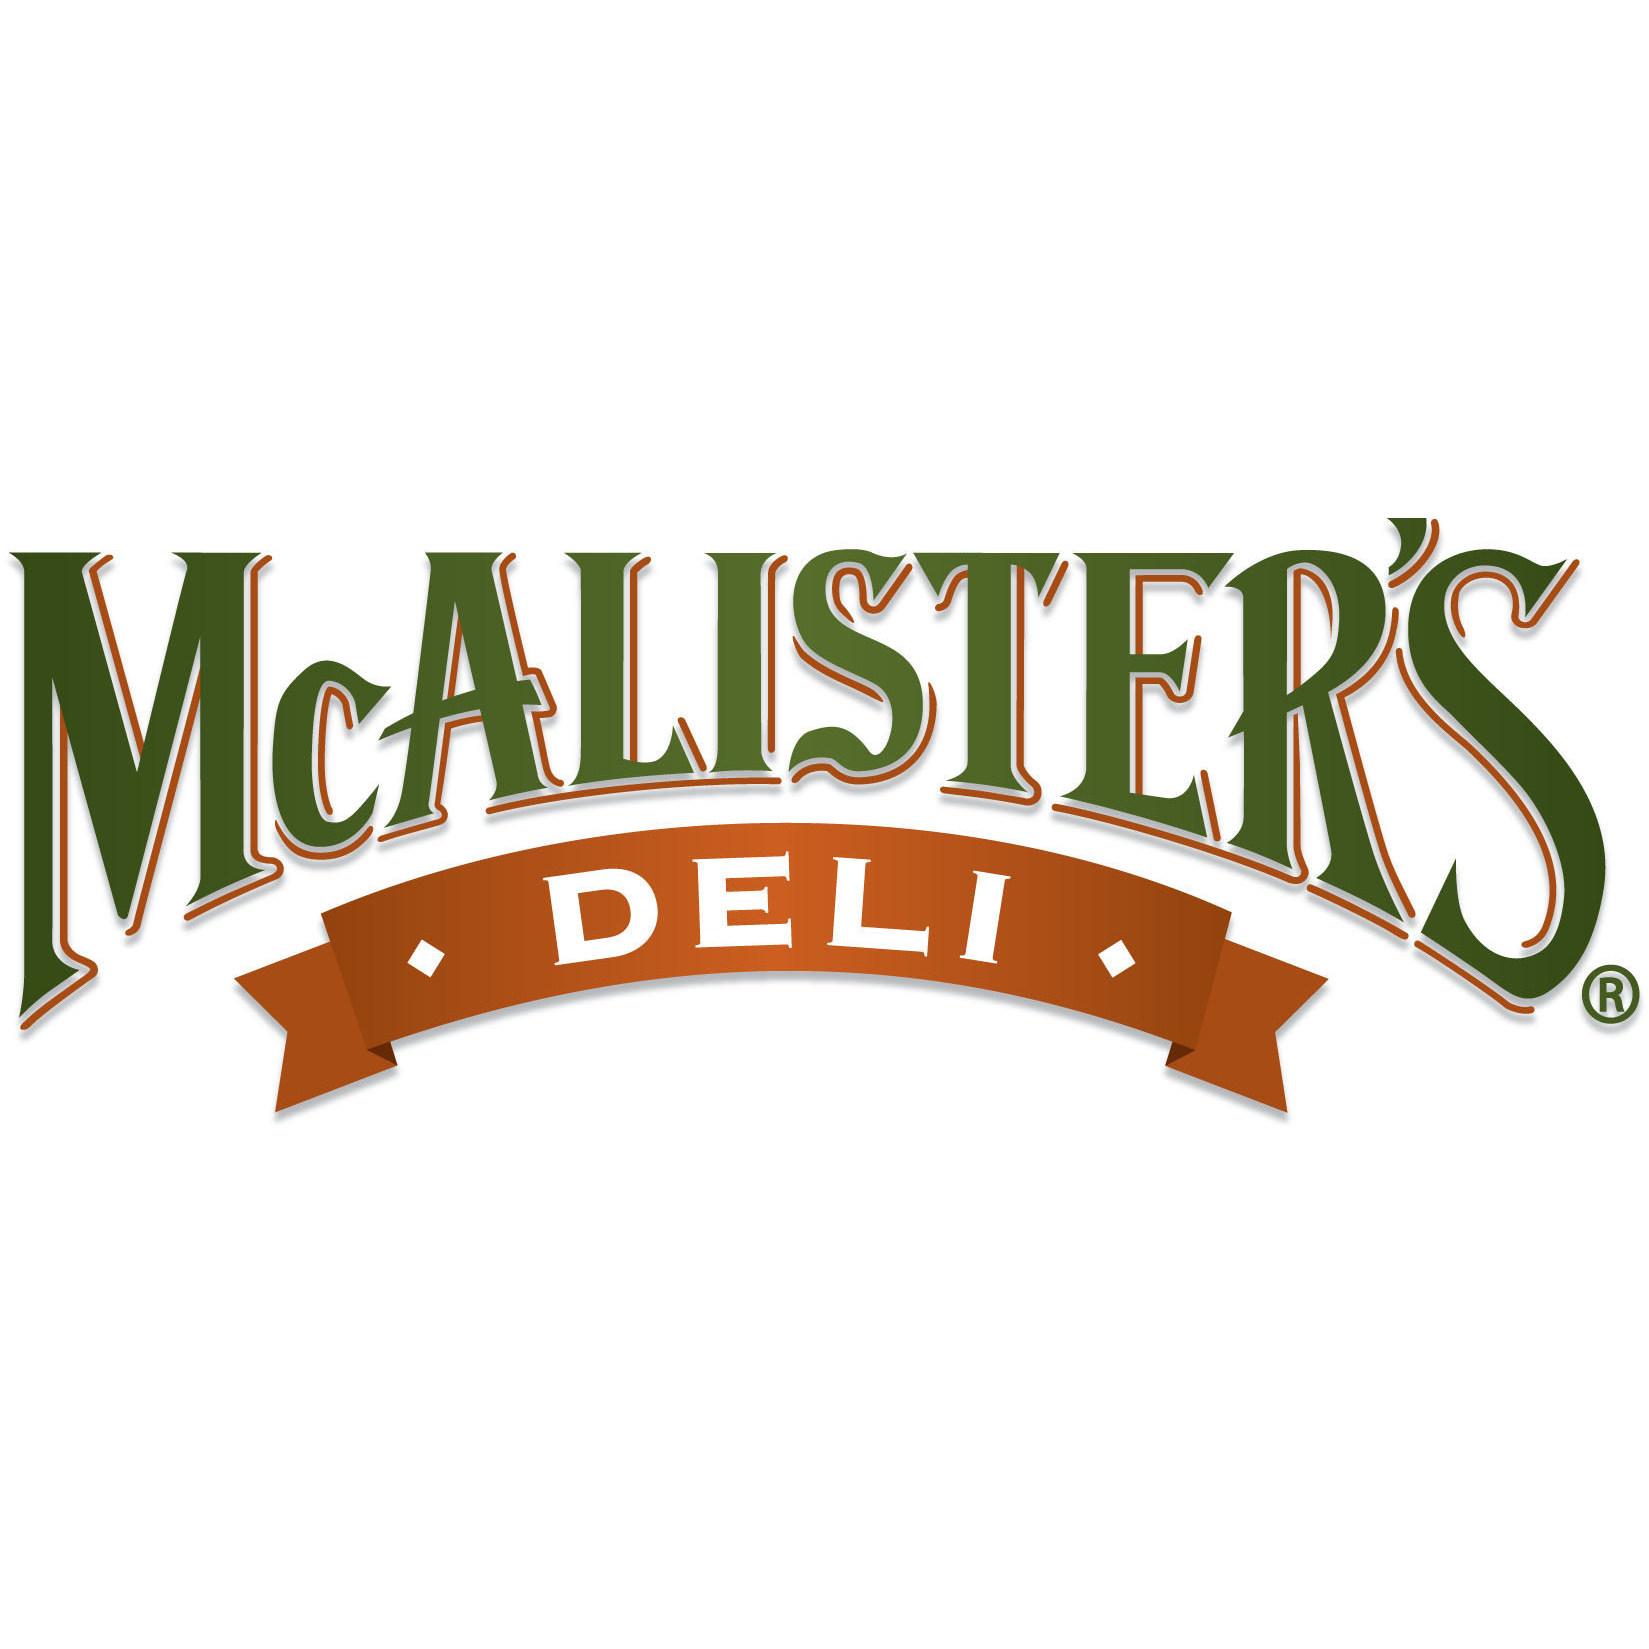 McAlister's Deli - Medical Center - Murfreesboro